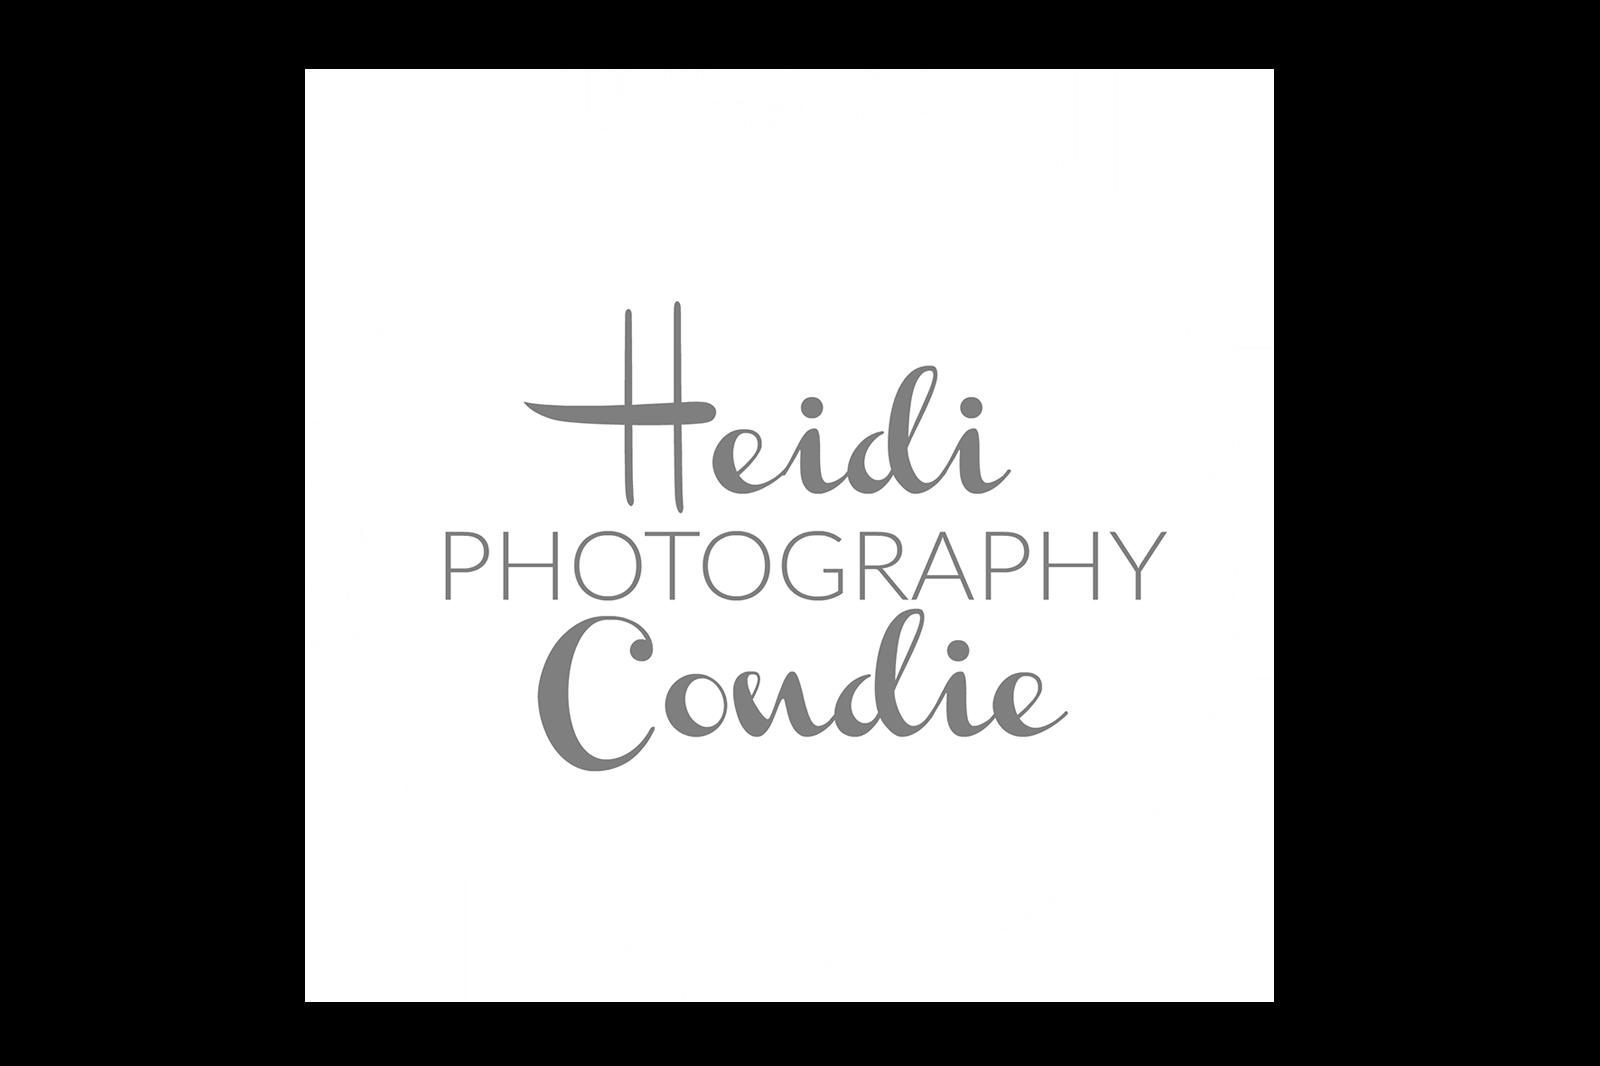 Heidi Condie